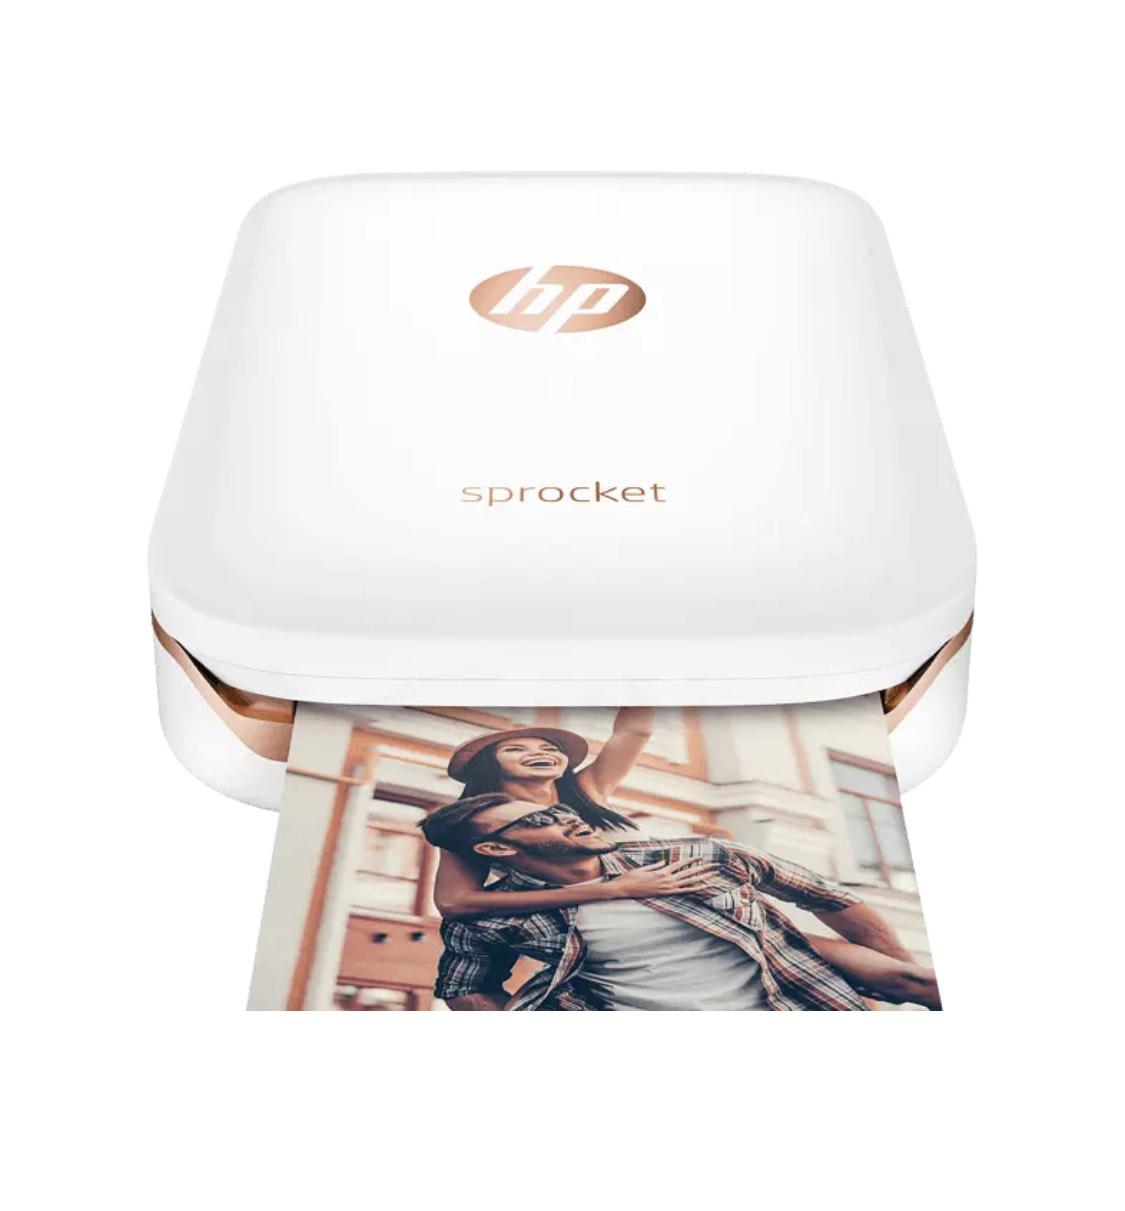 Impresora - HP Sprocket, con tecnología Bluetooth, Impresión sin tinta, Blanca